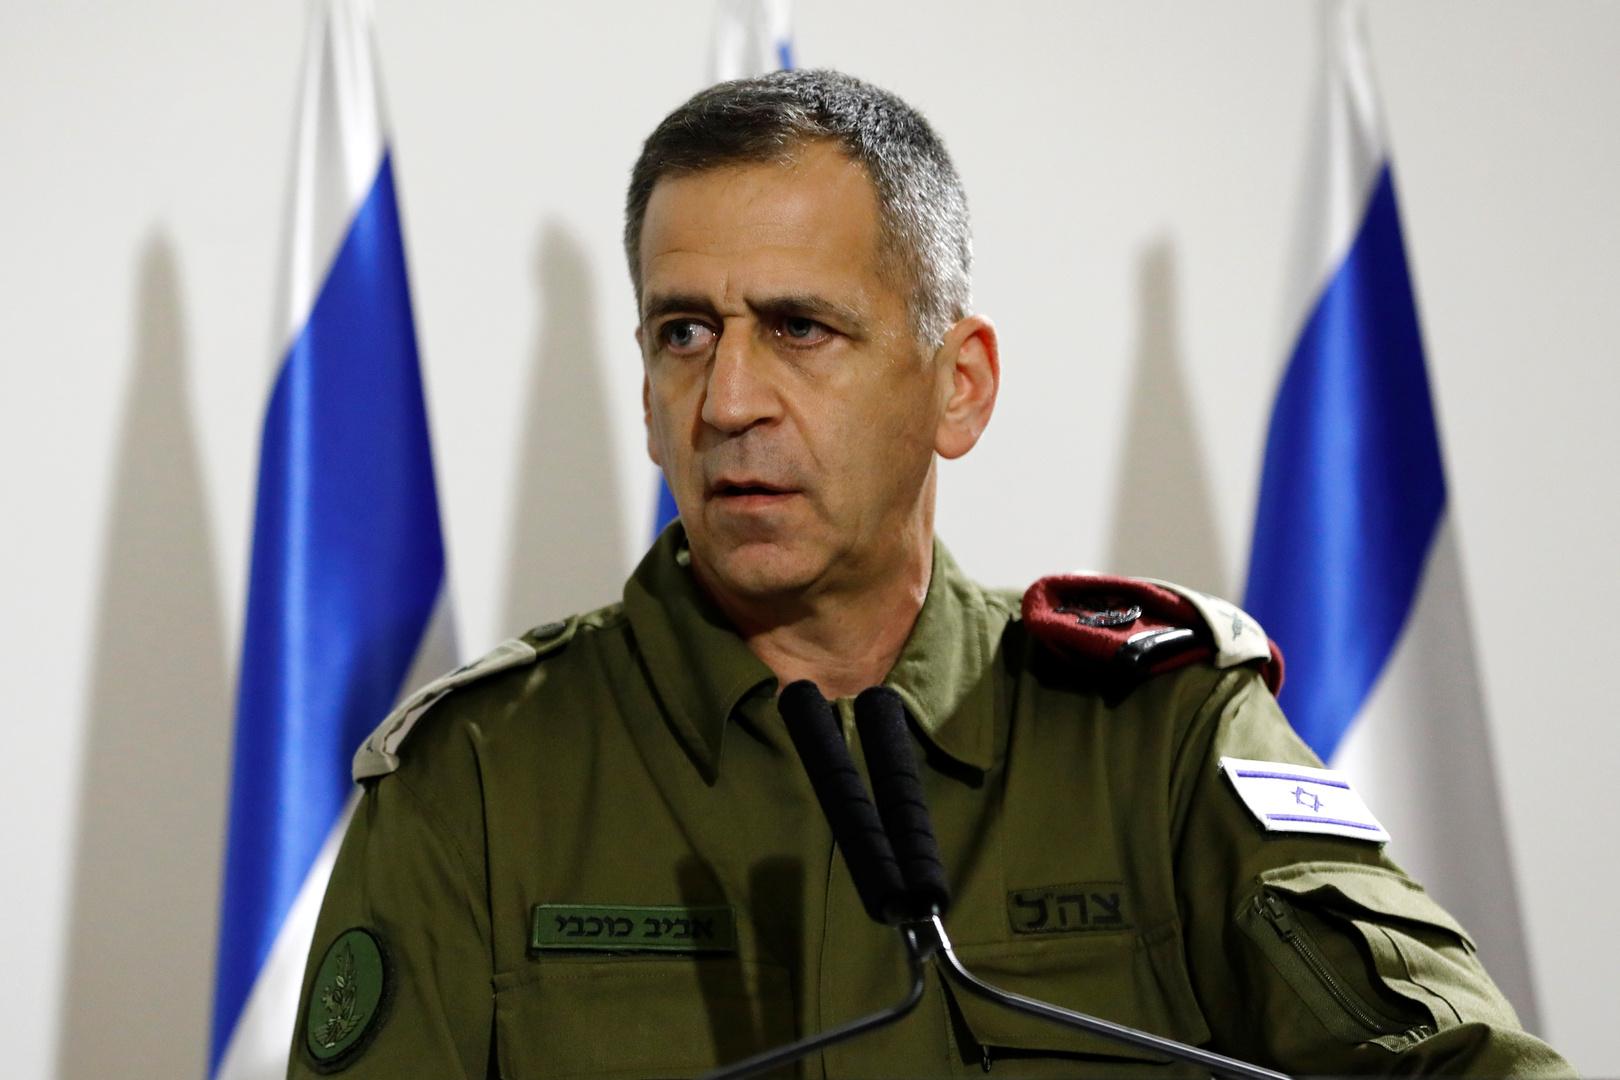 رئيس هيئة الأركان العامة في الجيش الإسرائيلي أفيف كوخافي